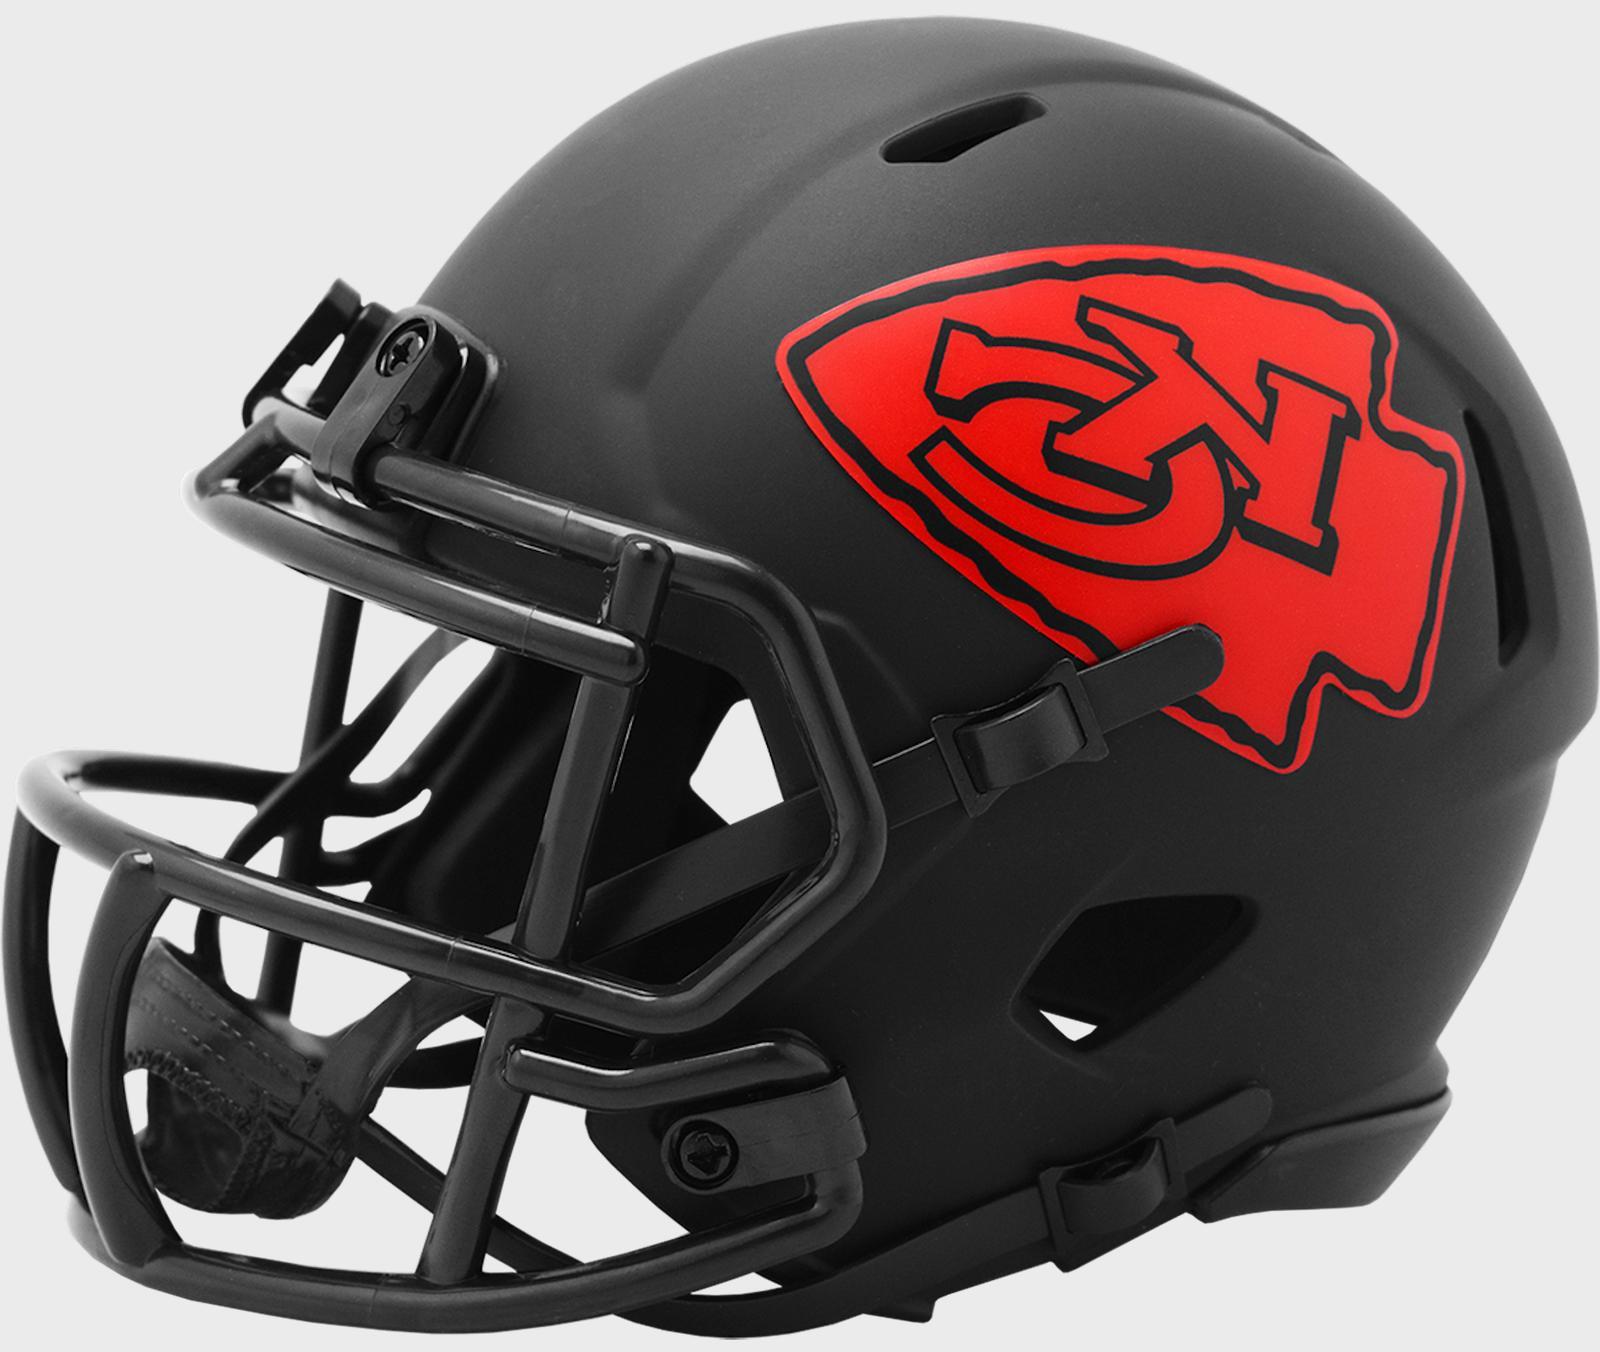 KANSAS CITY CHIEFS NFL Riddell SPEED Mini Football Helmet BL